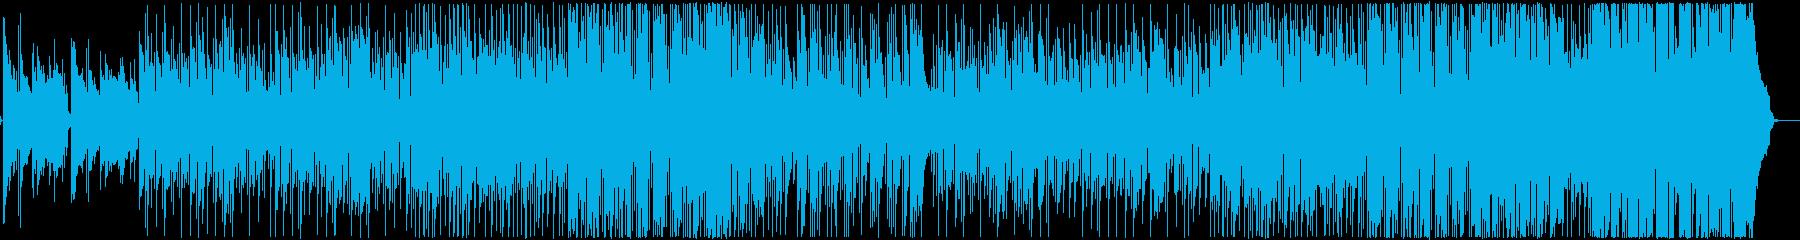 ほのぼのとしたフォークポップの再生済みの波形